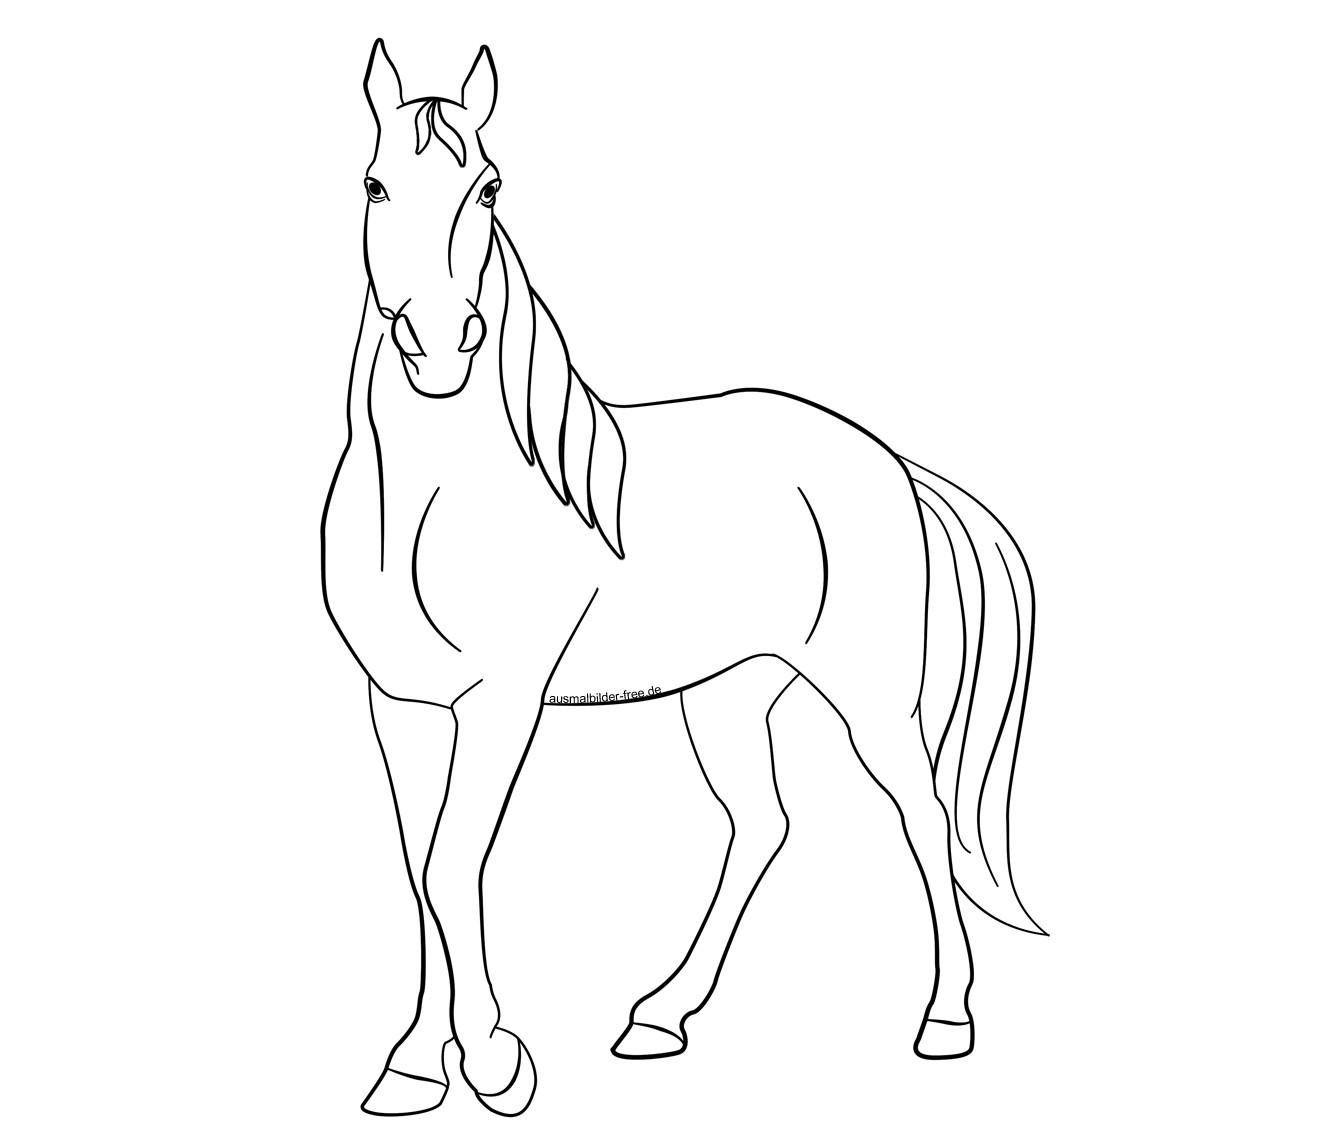 20 ideen für ausmalbilder tiere pferde - beste wohnkultur